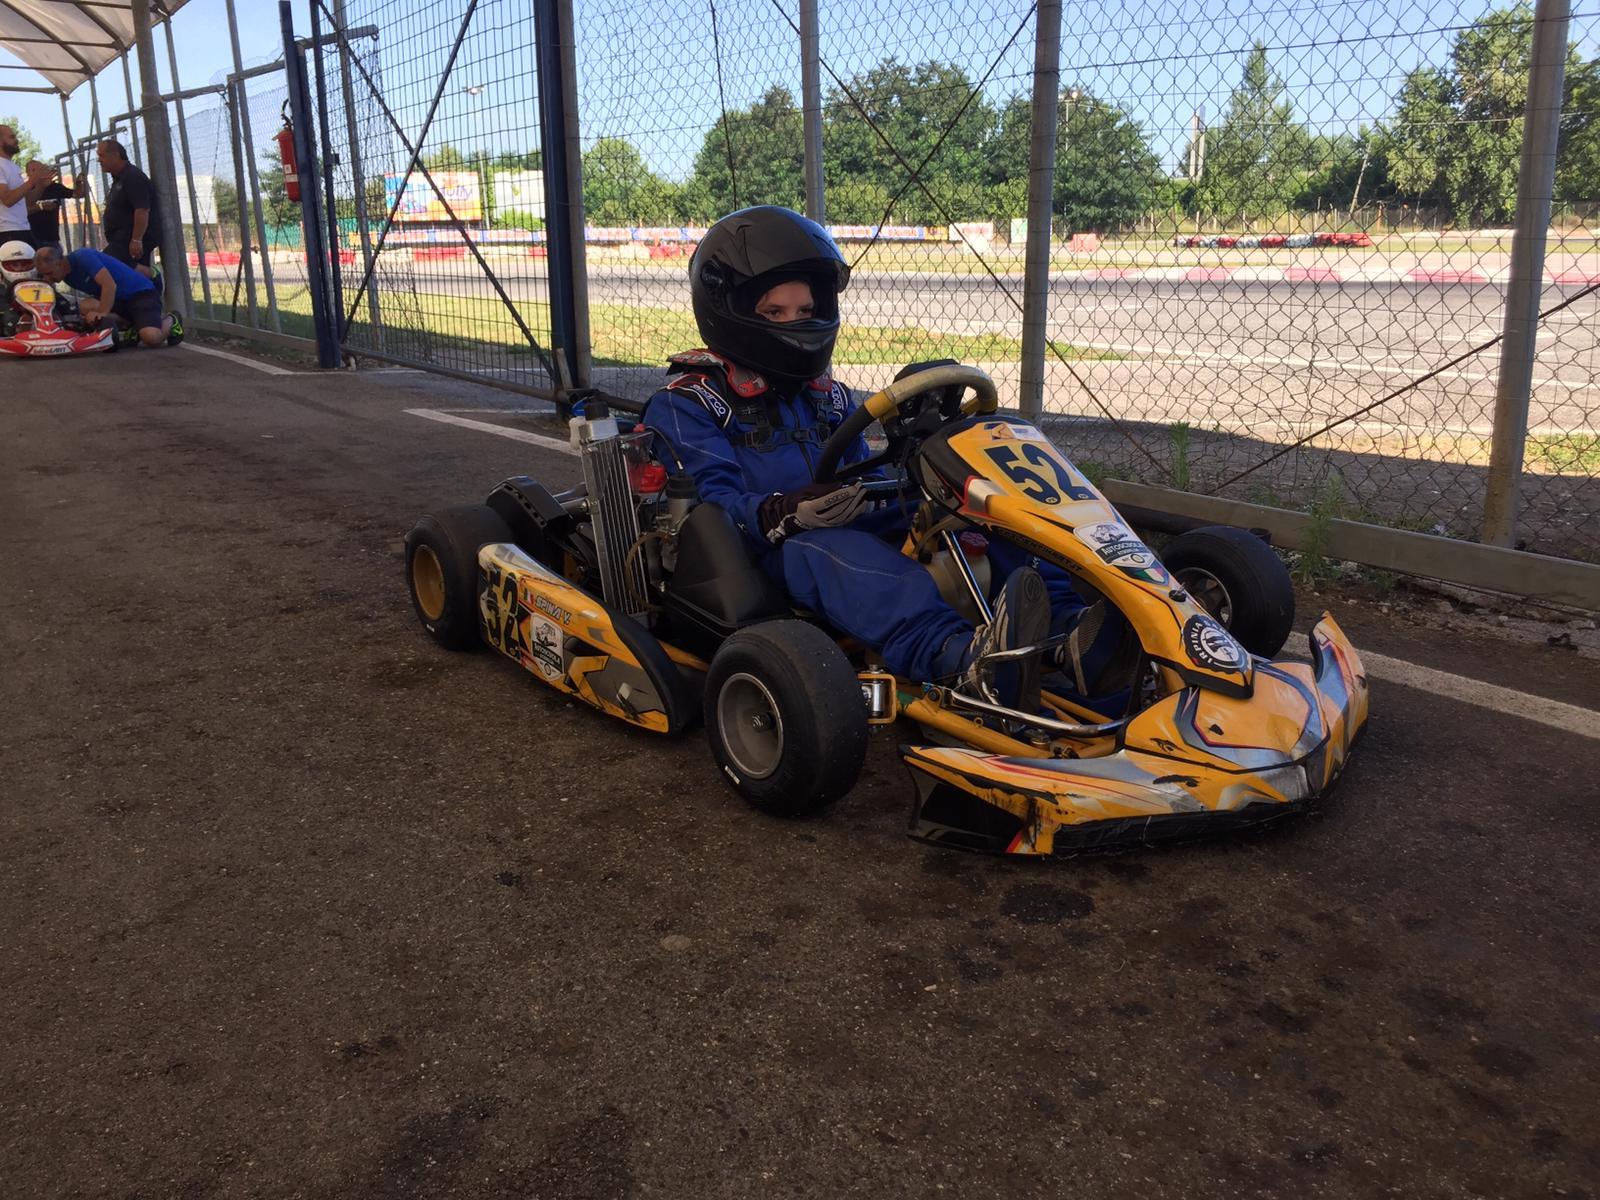 Campionato regionale Kart: seconda vittoria stagionale per Vincenzo Spina, il giovanissimo talento irpino